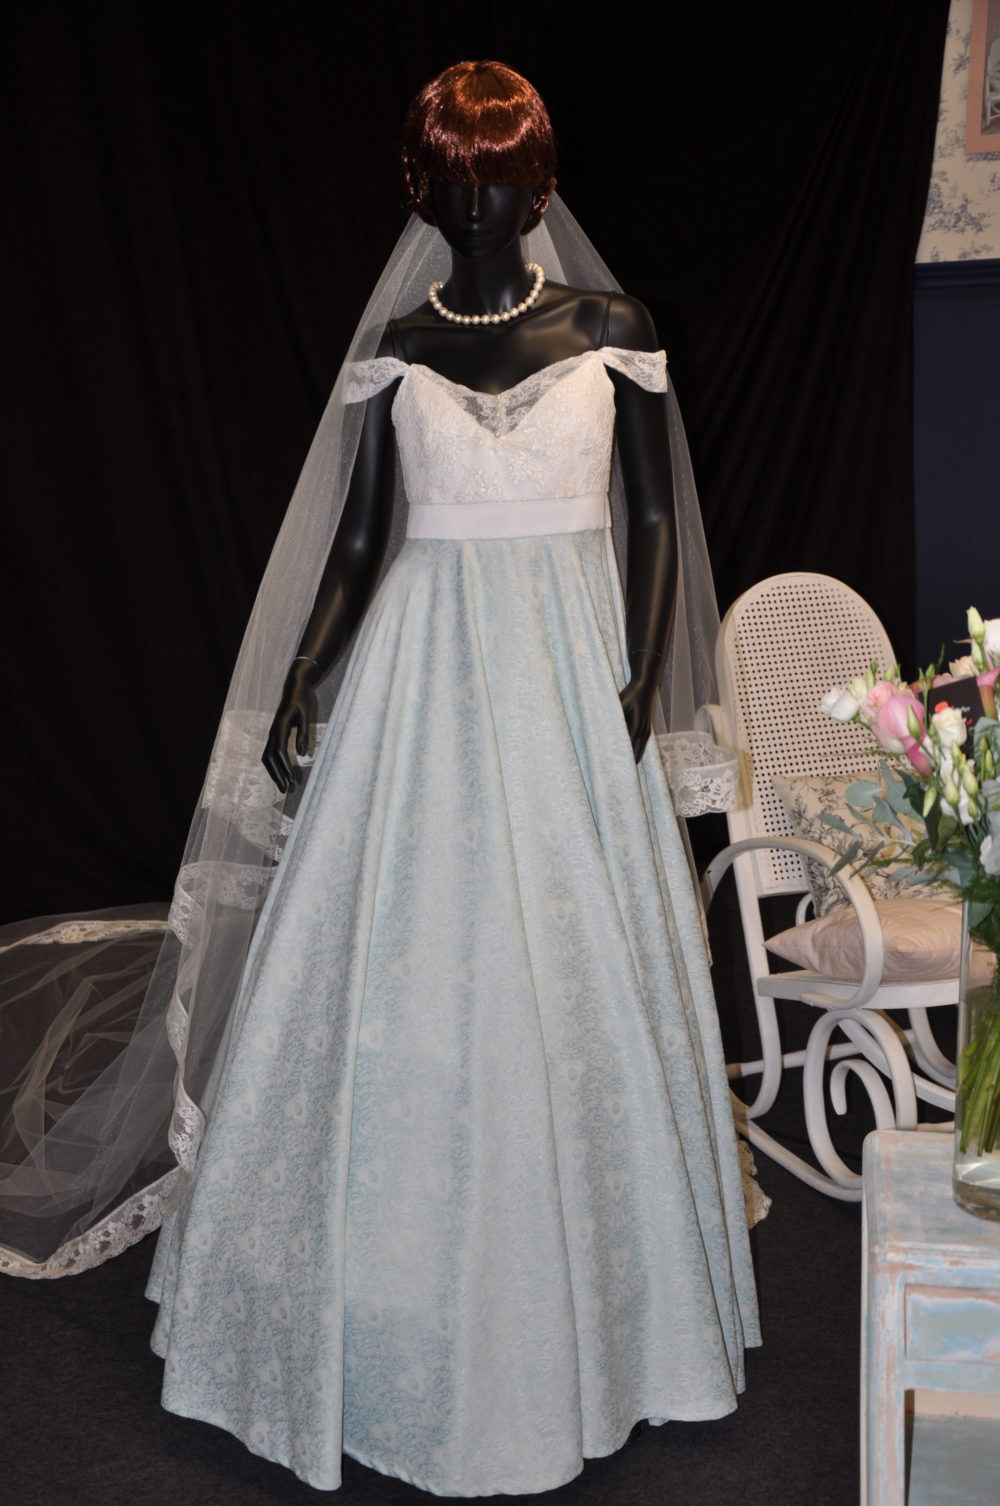 Robe de mariée à domicile - Coline - robe de mariée de couleur - Boutique de mariage de créateurs Cholet, herbiers, nantes, bressuire, Chemillé